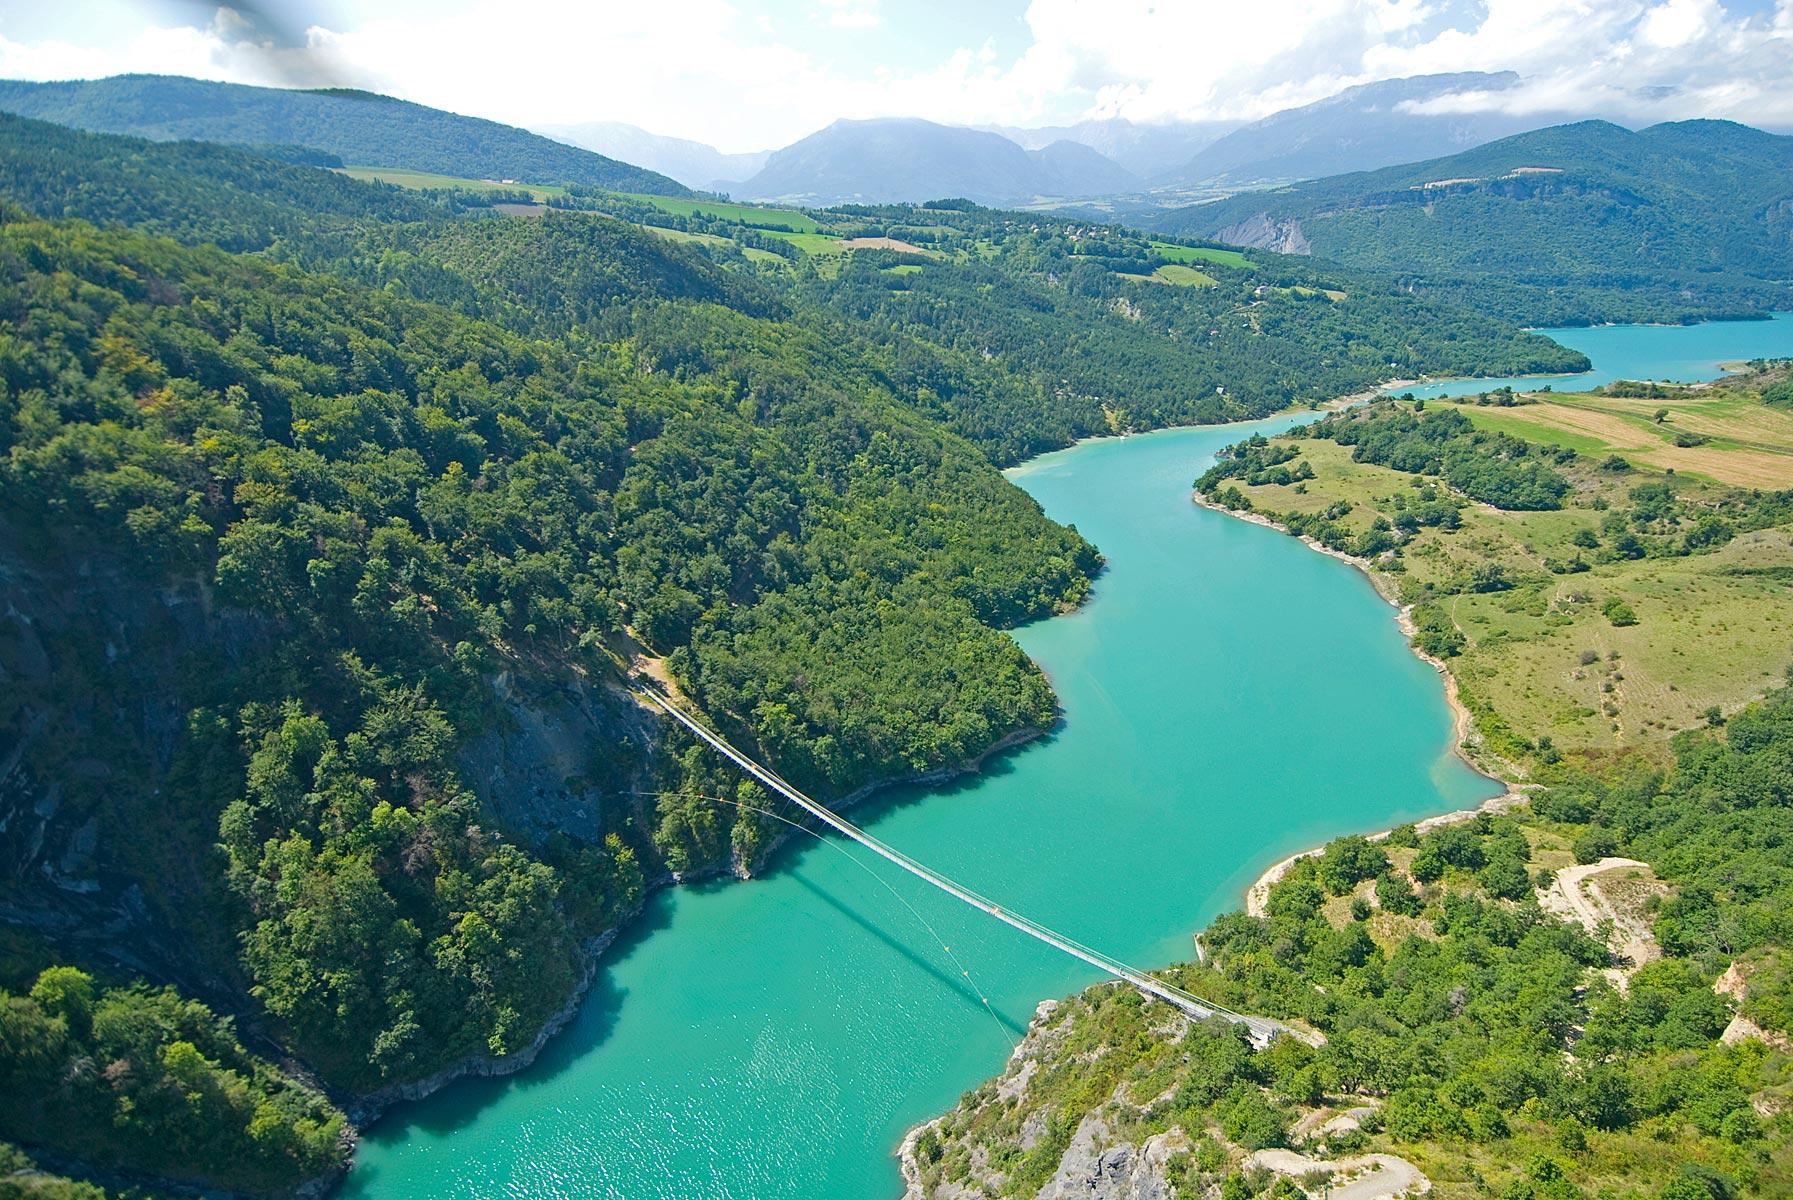 Tourisme à Grenoble  : les cinq spots de l'Isère à découvrir cet été PasserelleDrac_0050%C2%A9Thiebaut